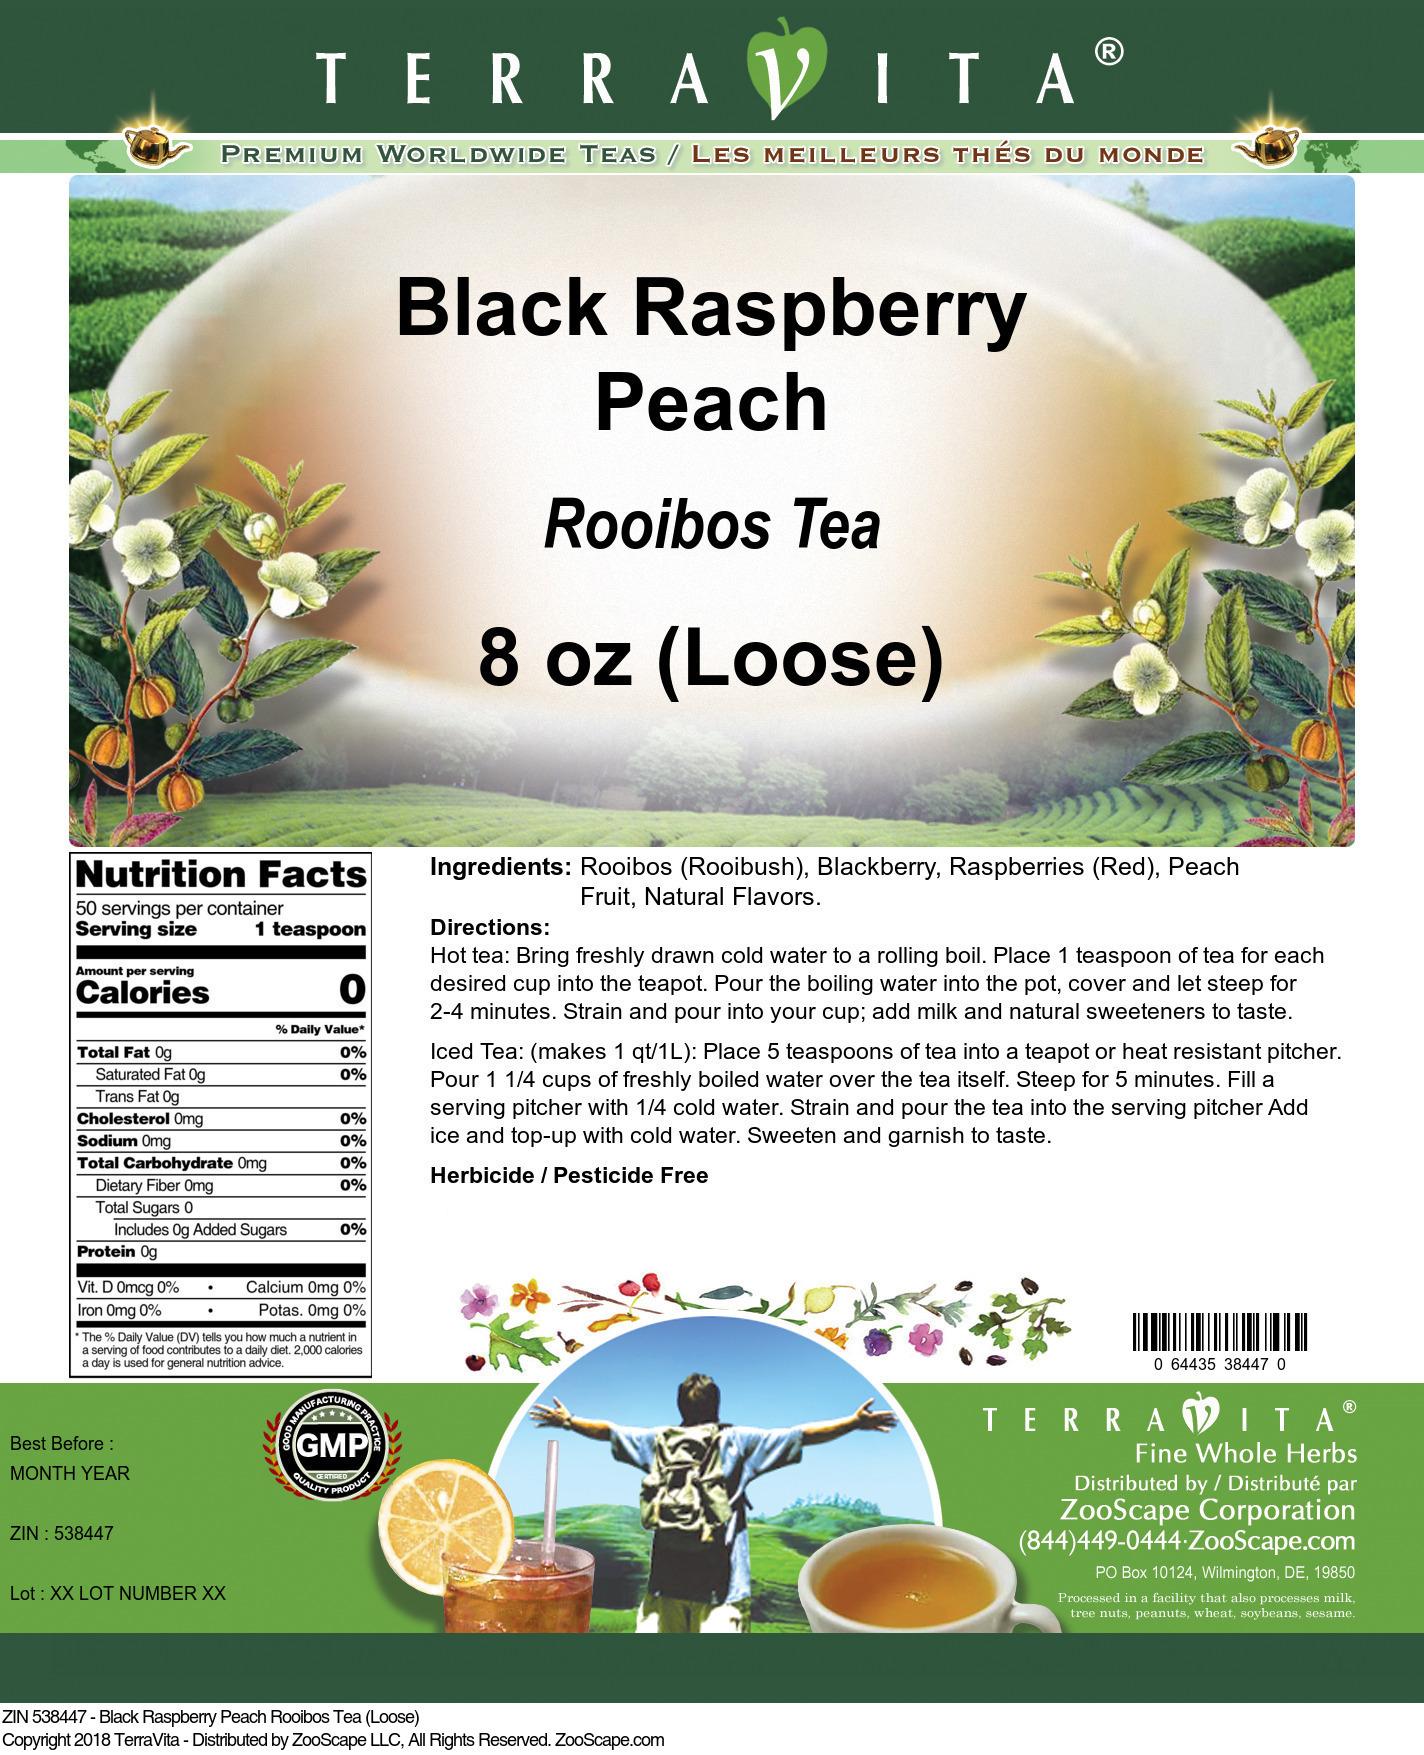 Black Raspberry Peach Rooibos Tea